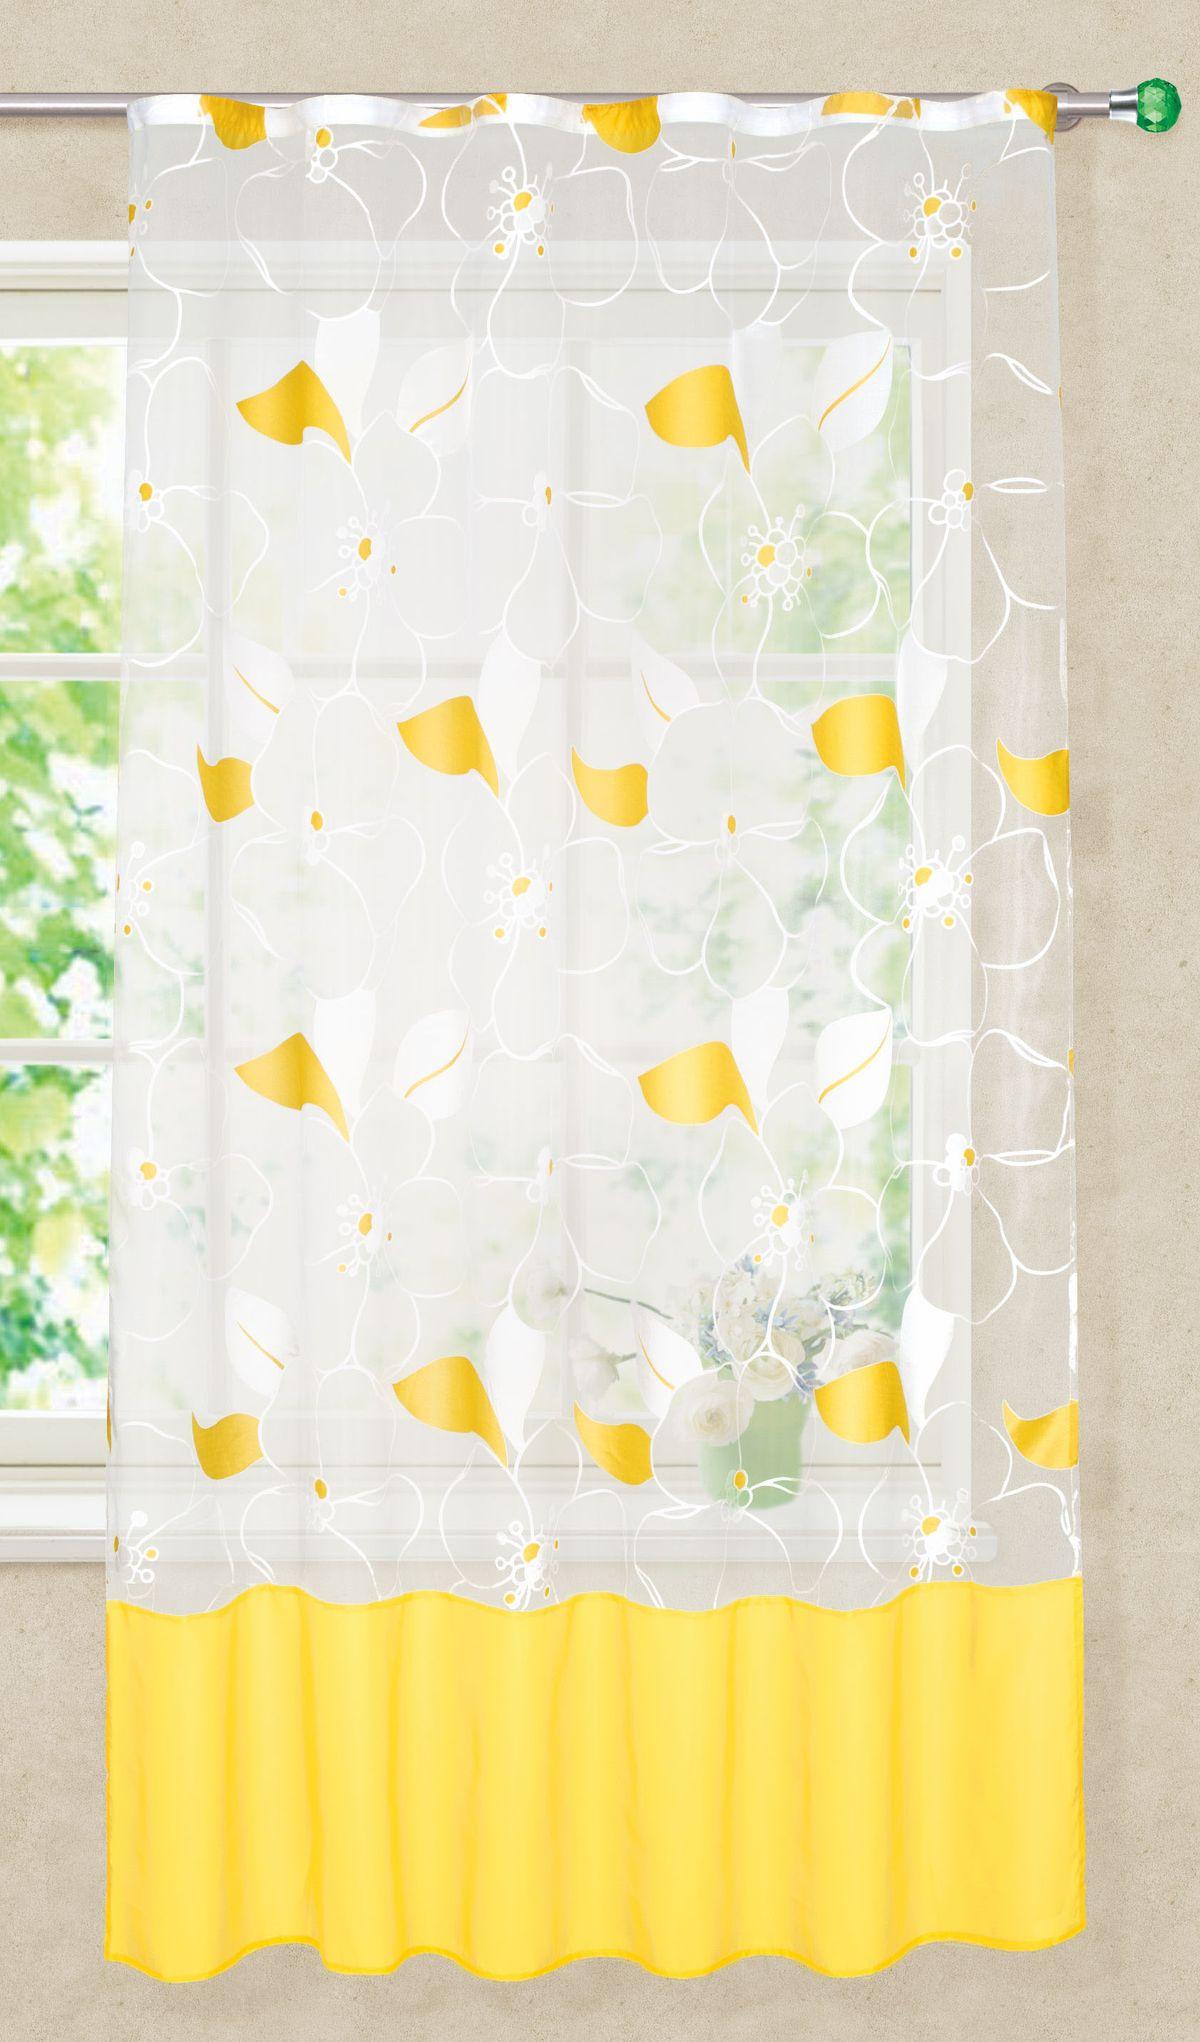 Штора готовая Garden, на ленте, для кухни, цвет: белый, 145х180 см. С 8136 - W260 V19S03301004Изящная штора для кухни Garden выполнена из легкой ткани. Приятная текстура и цвет штор привлекут к себе внимание и органично впишутся в интерьер помещения. Штора крепится на карниз при помощи ленты, которая поможет красиво и равномерно задрапировать верх.